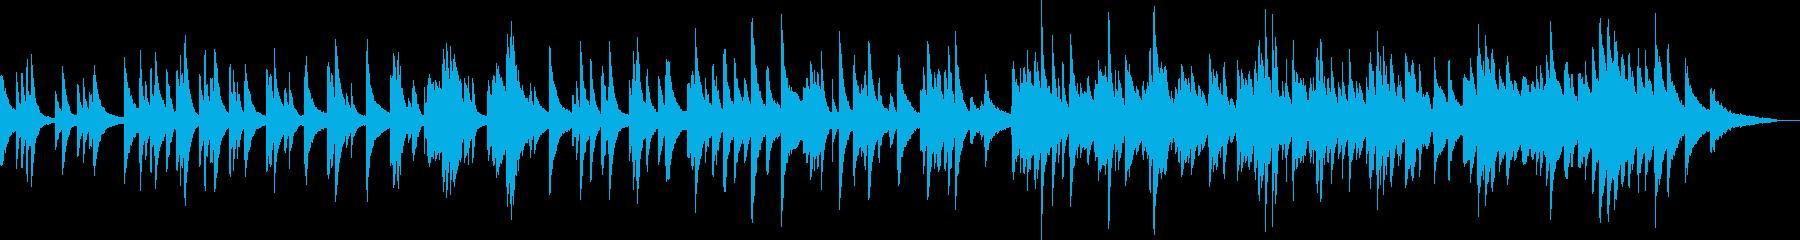 爽やかで優しいピアノ曲(明るい、温かい)の再生済みの波形